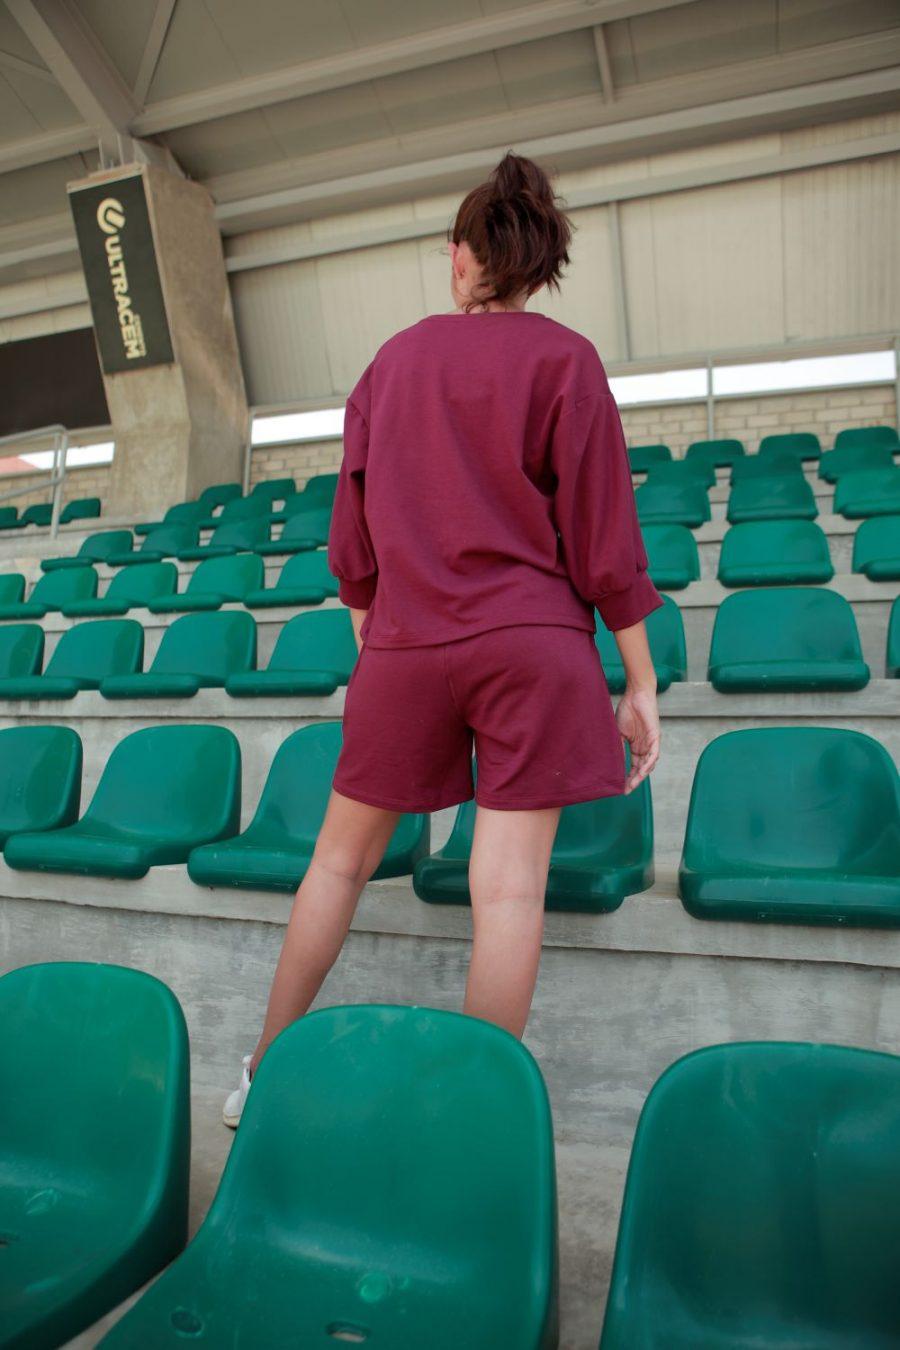 ropa-deportiva-valerie-set-vino-blizzful-atizz